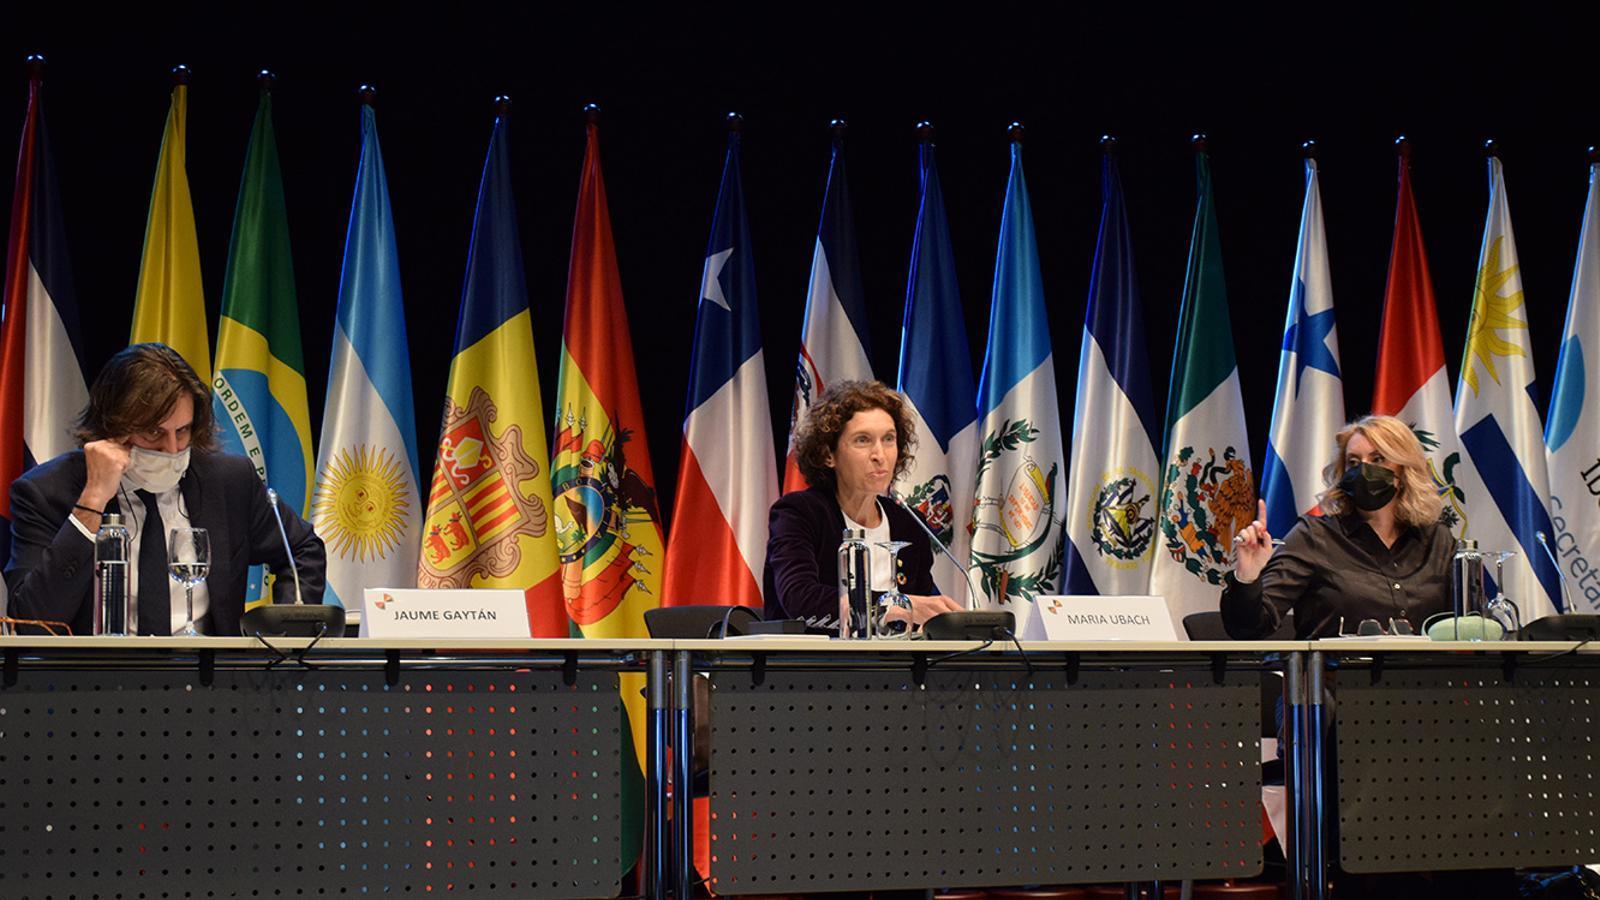 Un moment de la reunió extraordinària de ministres d'afers exteriors iberoamericans. / M. F. (ANA)